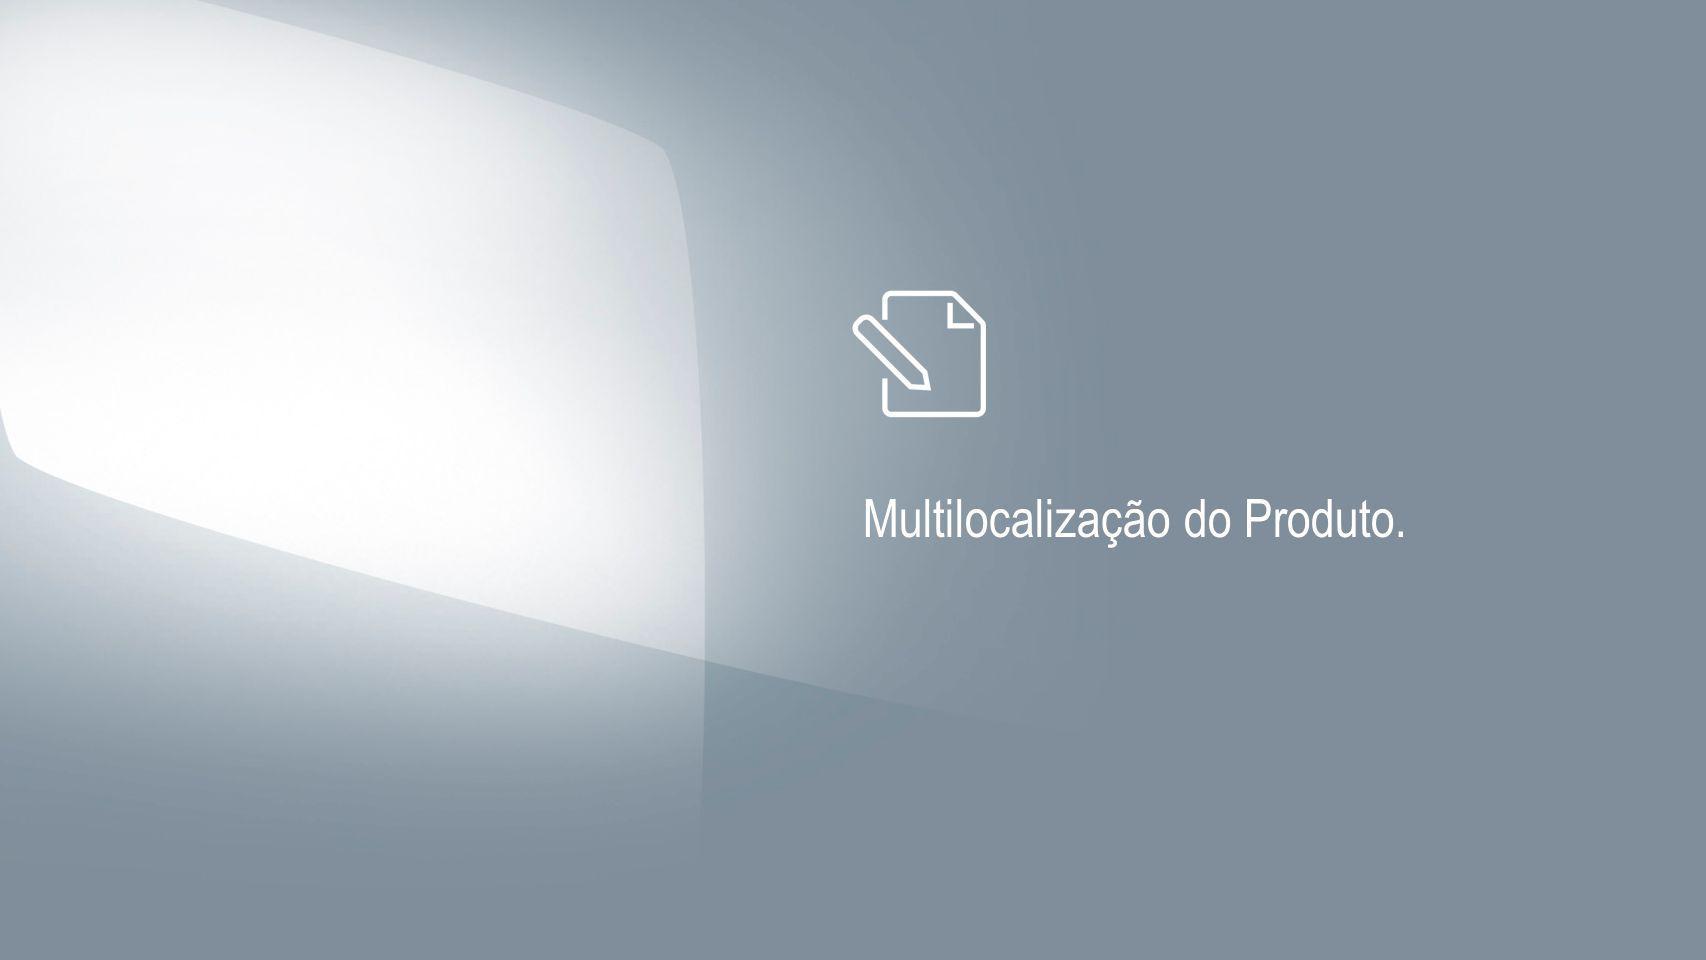 Multilocalização do Produto.